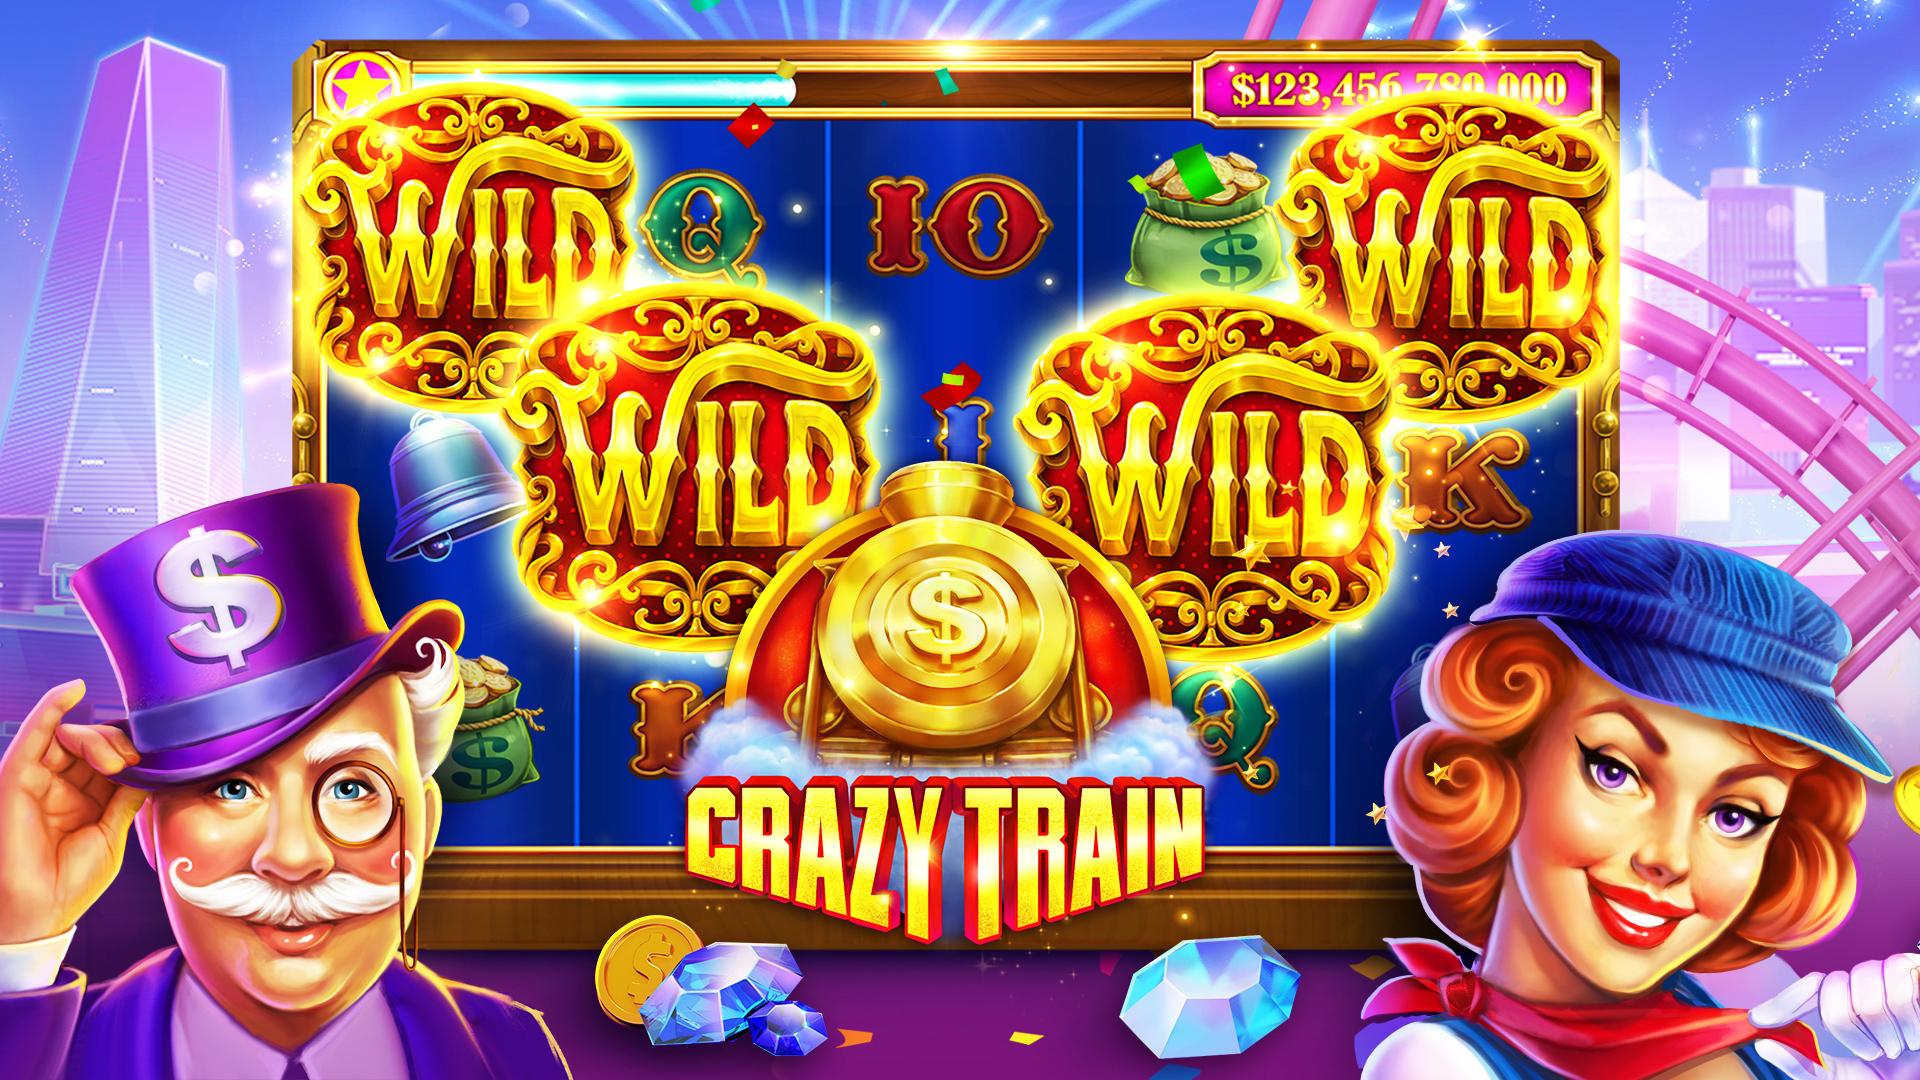 Jeux Gratuit Casino Machine A Sous